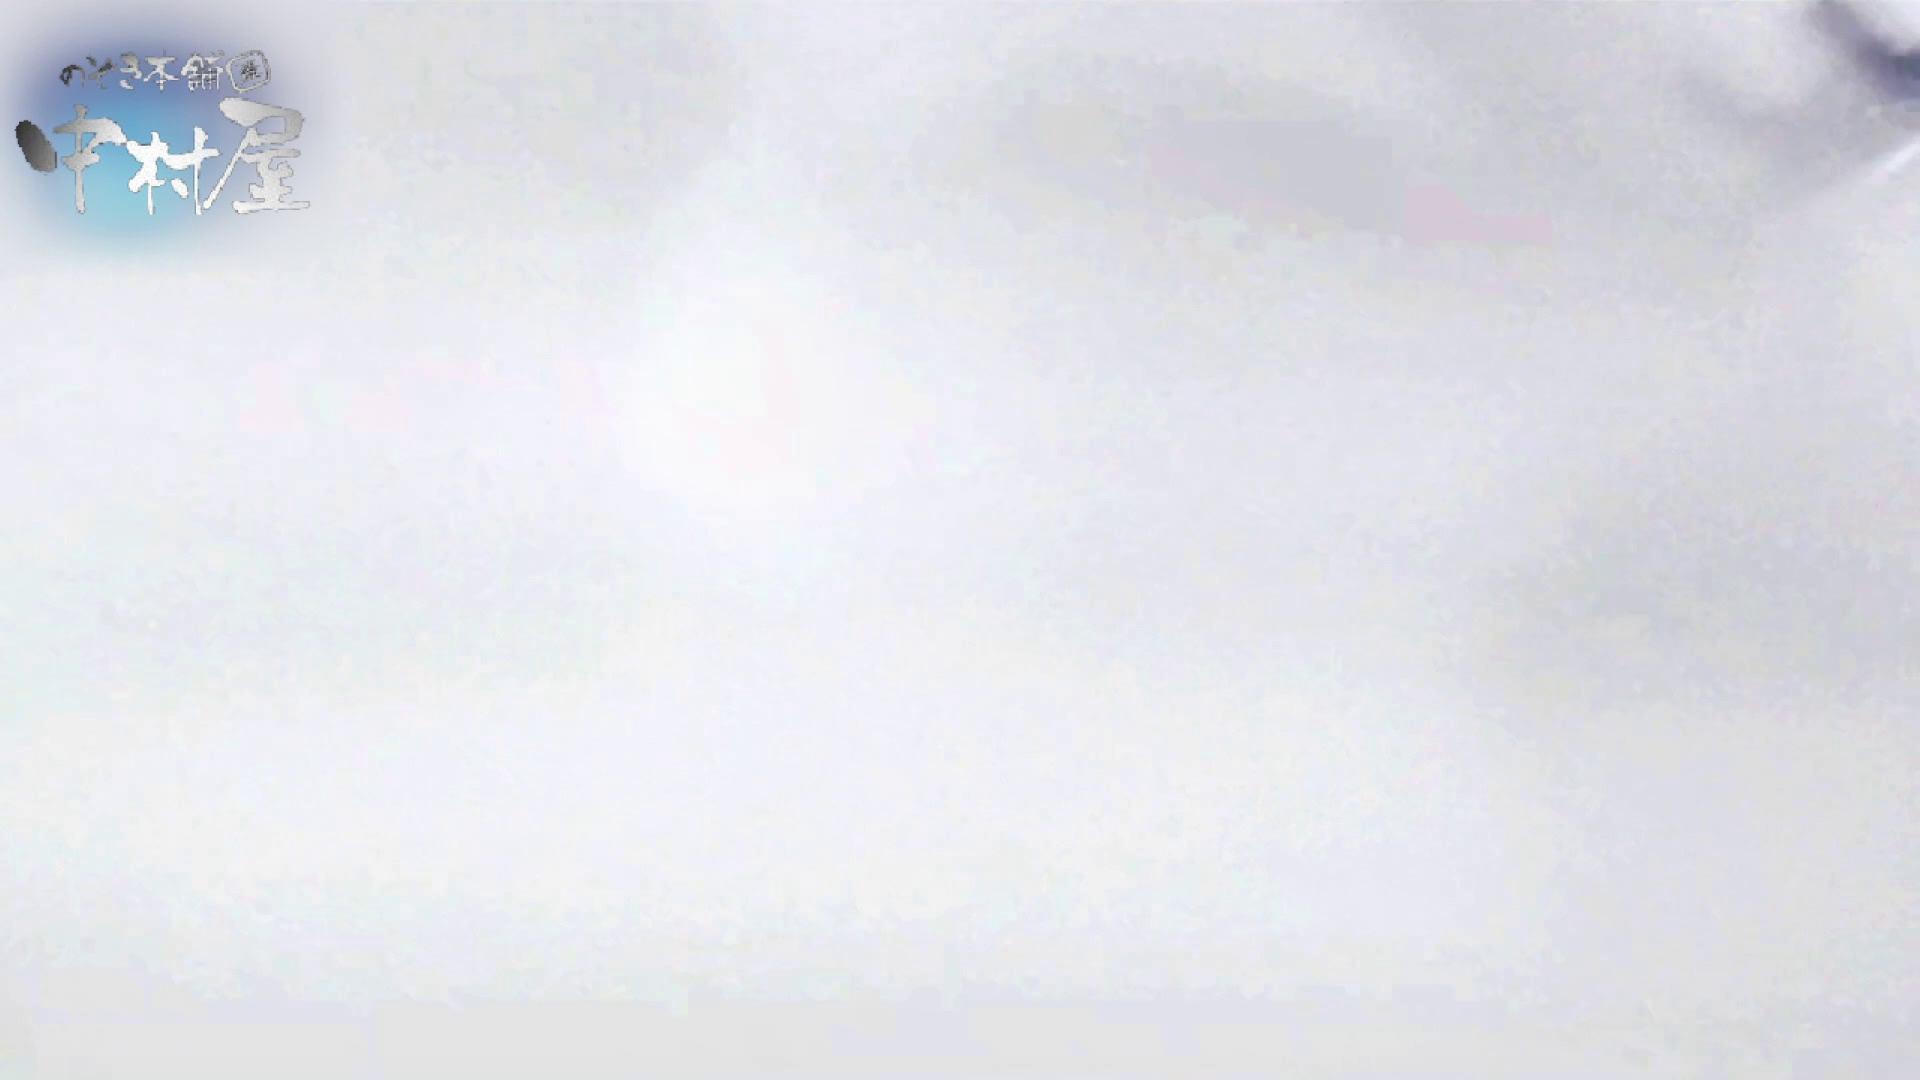 乙女集まる!ショッピングモール潜入撮vol.08 美しいOLの裸体 アダルト動画キャプチャ 87pic 44